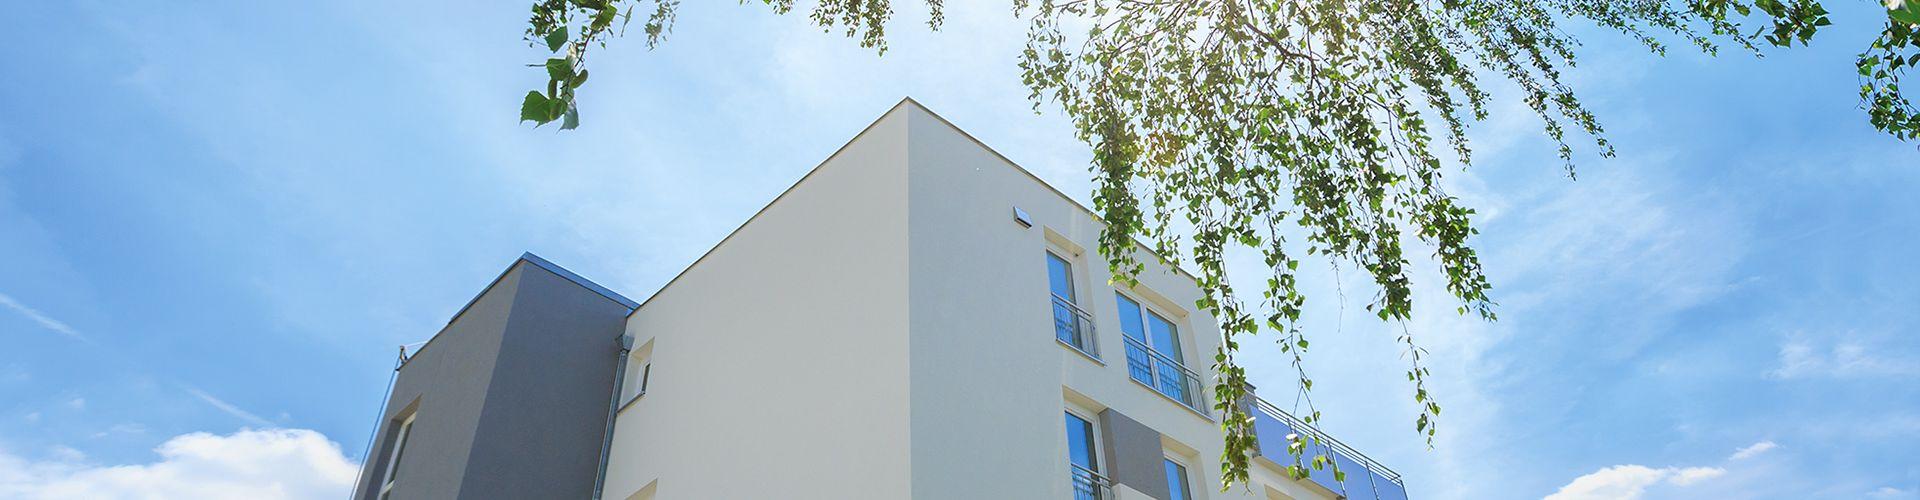 Eigentumswohnungen Weißenburg